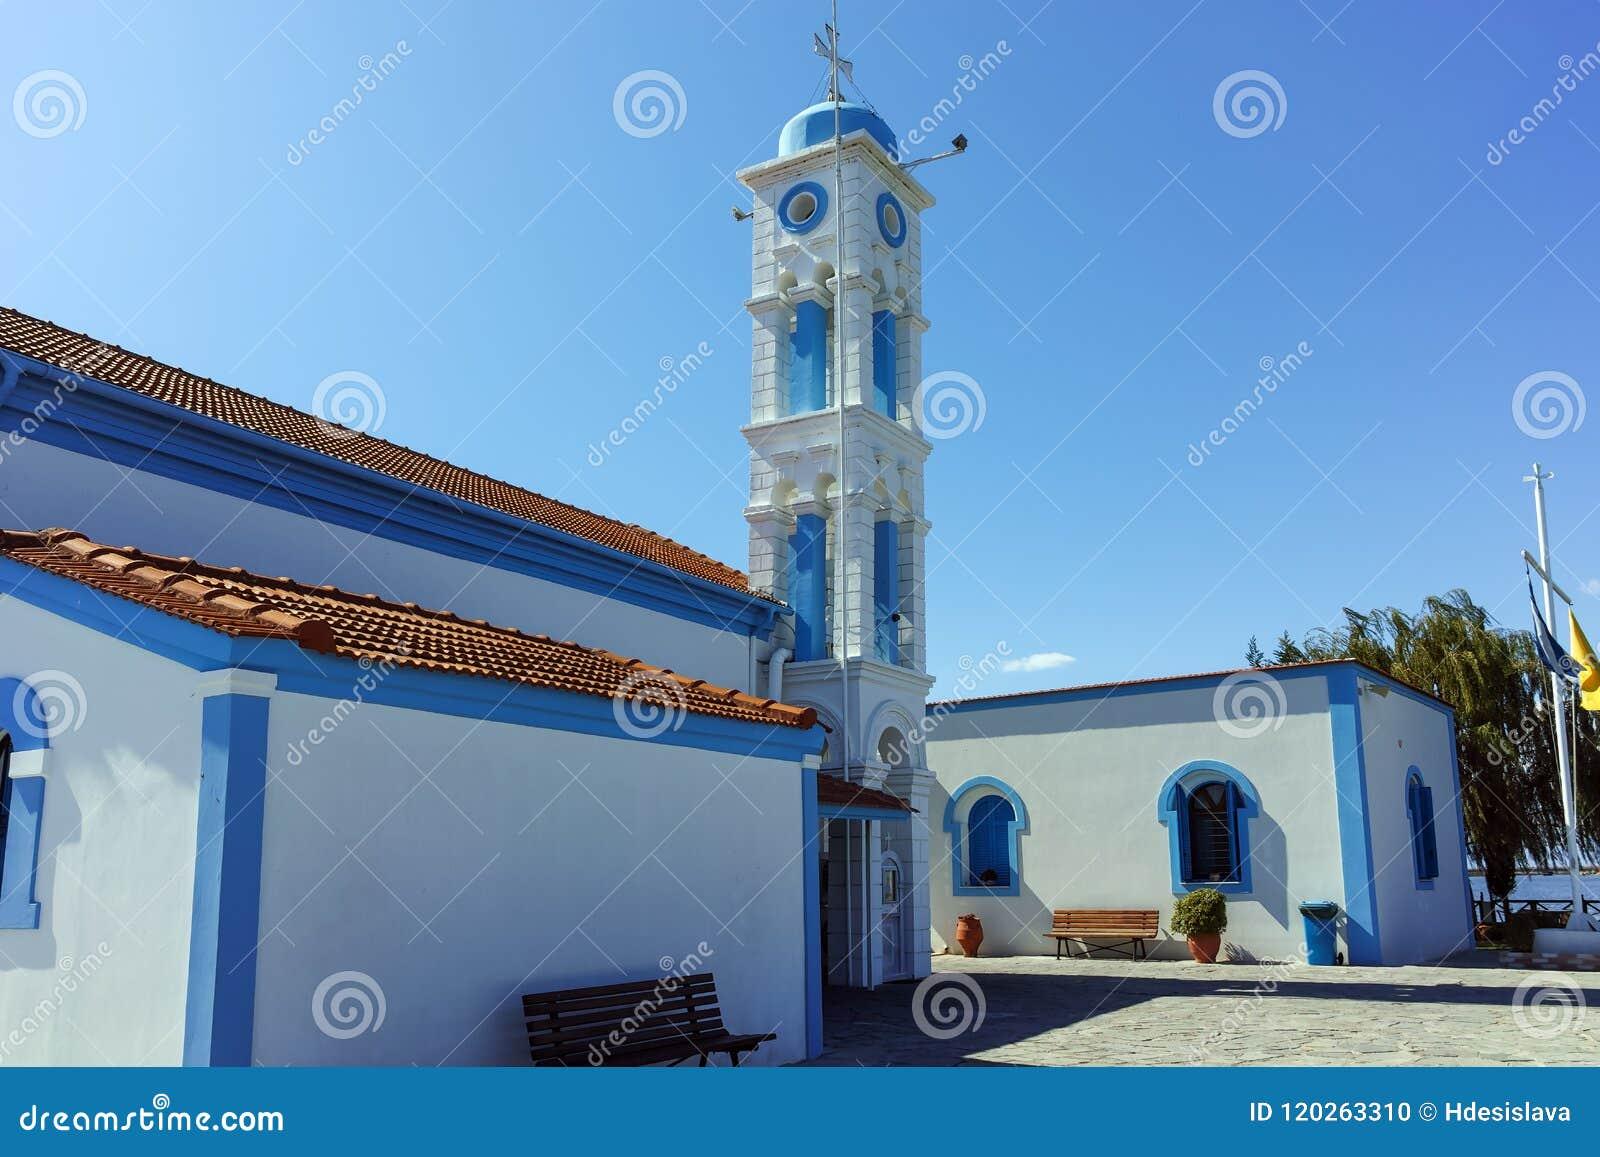 Μοναστήρι Άγιου Βασίλη που βρίσκεται σε δύο νησιά στο Πόρτο Λάγκος κοντά στην πόλη της Ξάνθης, Ελλάδα